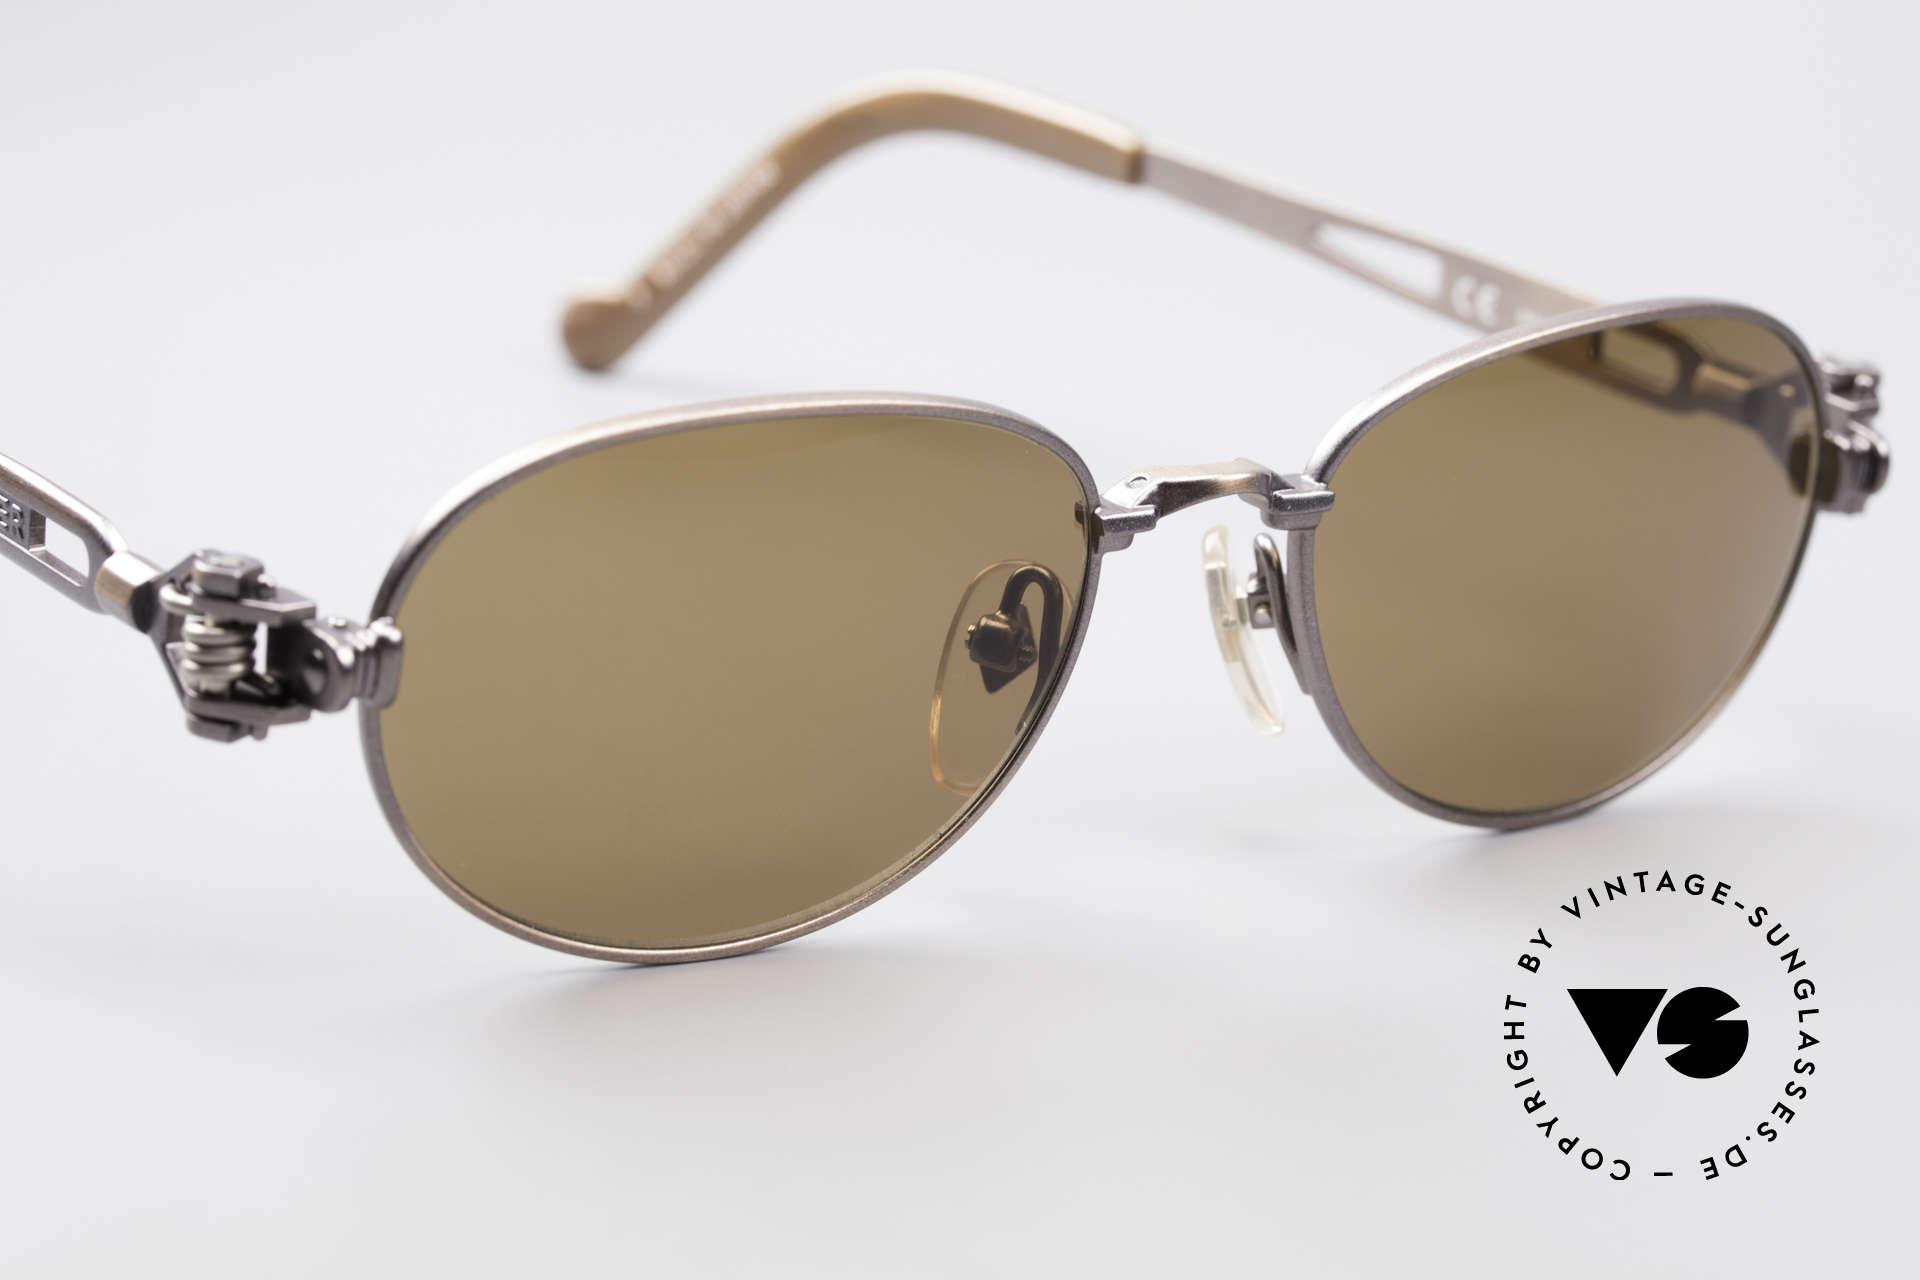 Jean Paul Gaultier 56-8102 Steampunk Vintage Brille, KEINE RetroSonnenbrille; ein altes ORIGINAL von 1995, Passend für Herren und Damen